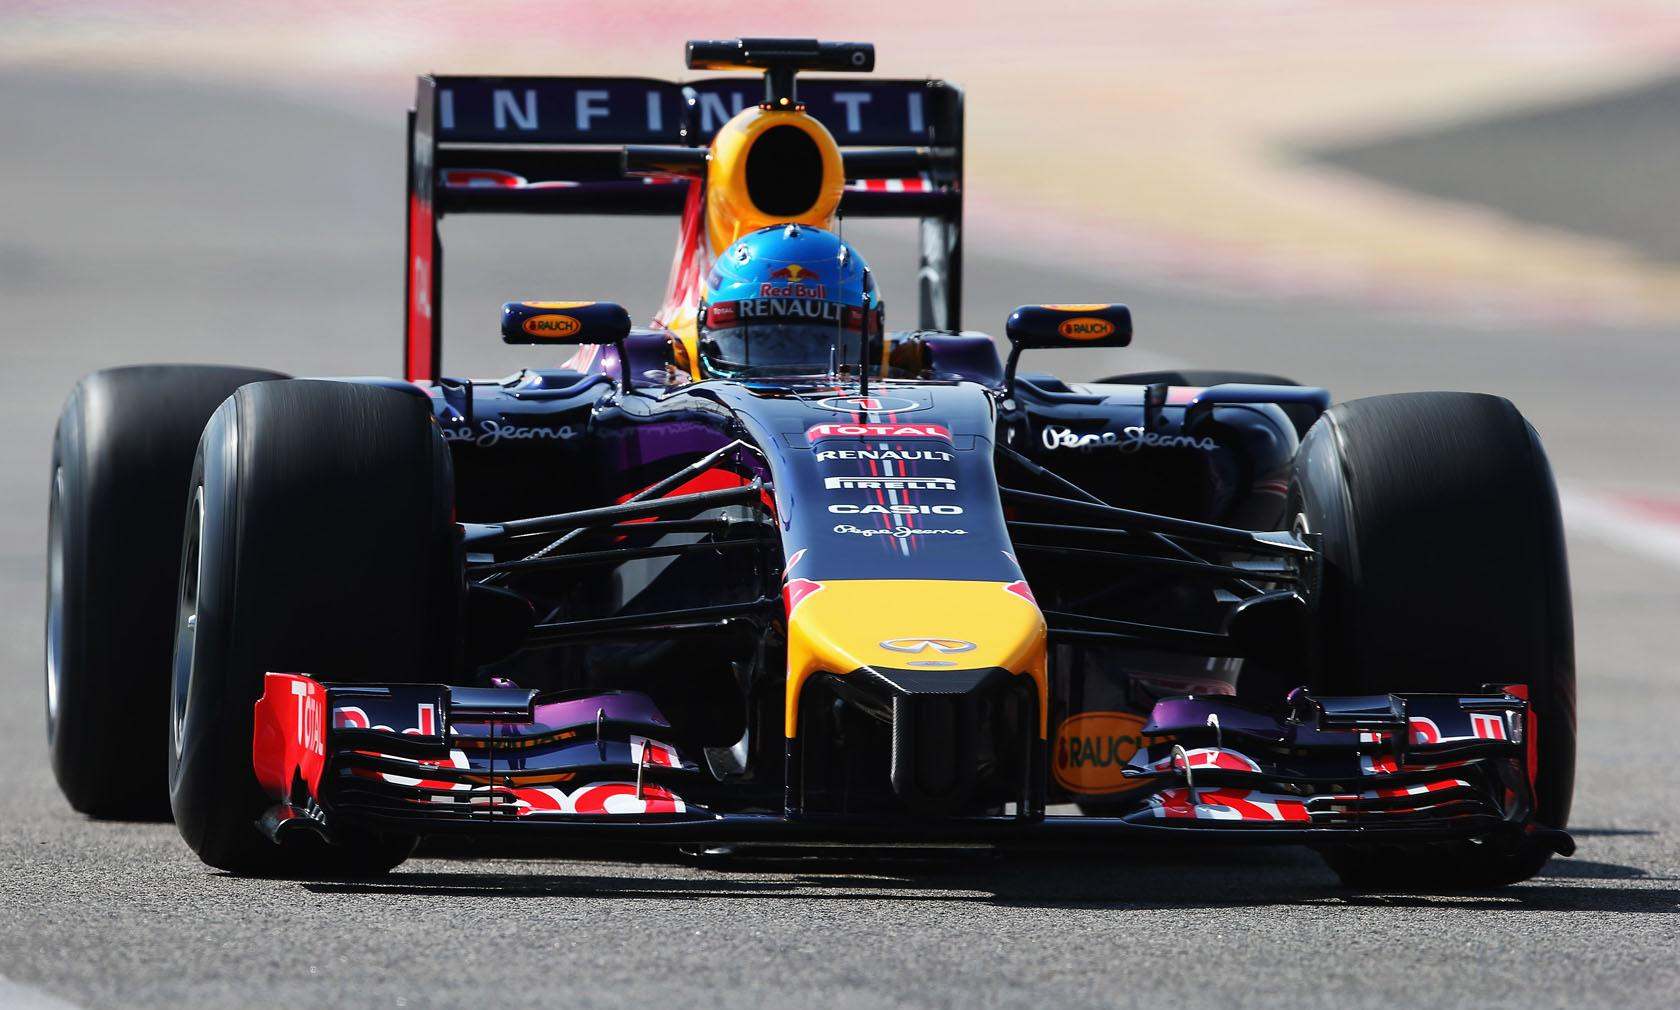 Röviden: Legalább még 2 órára eltűnik a Red Bull